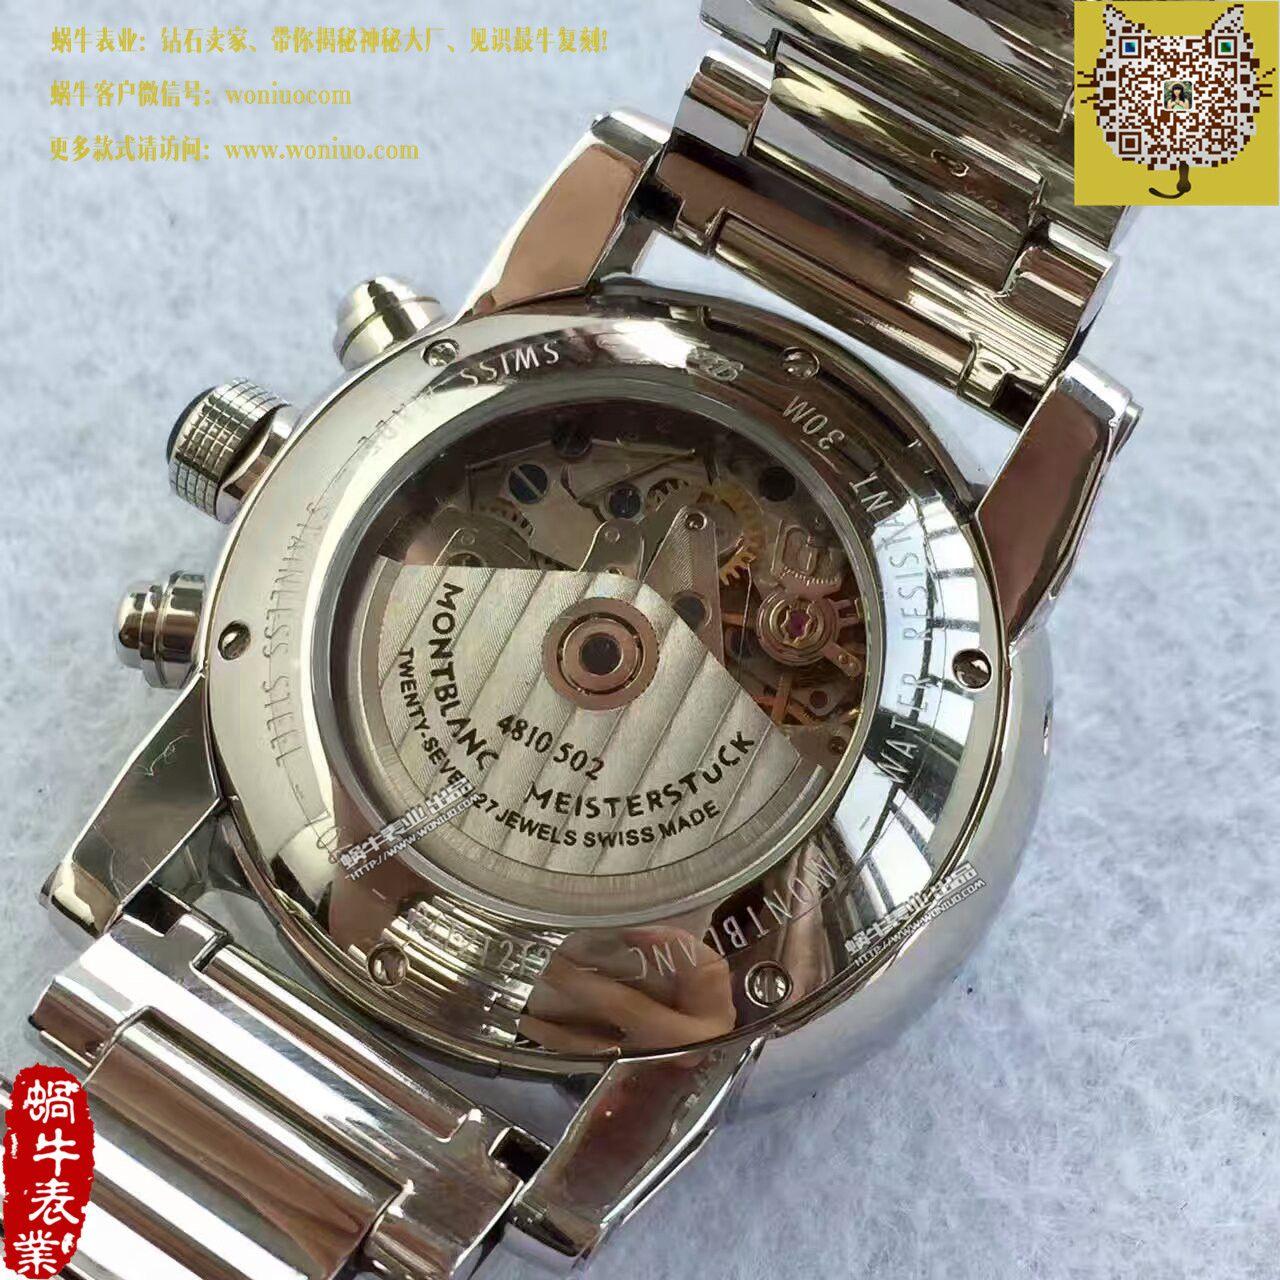 【台湾厂一比一超A高仿手表】Montblanc万宝龙时光行者系列09668腕表 / MB008